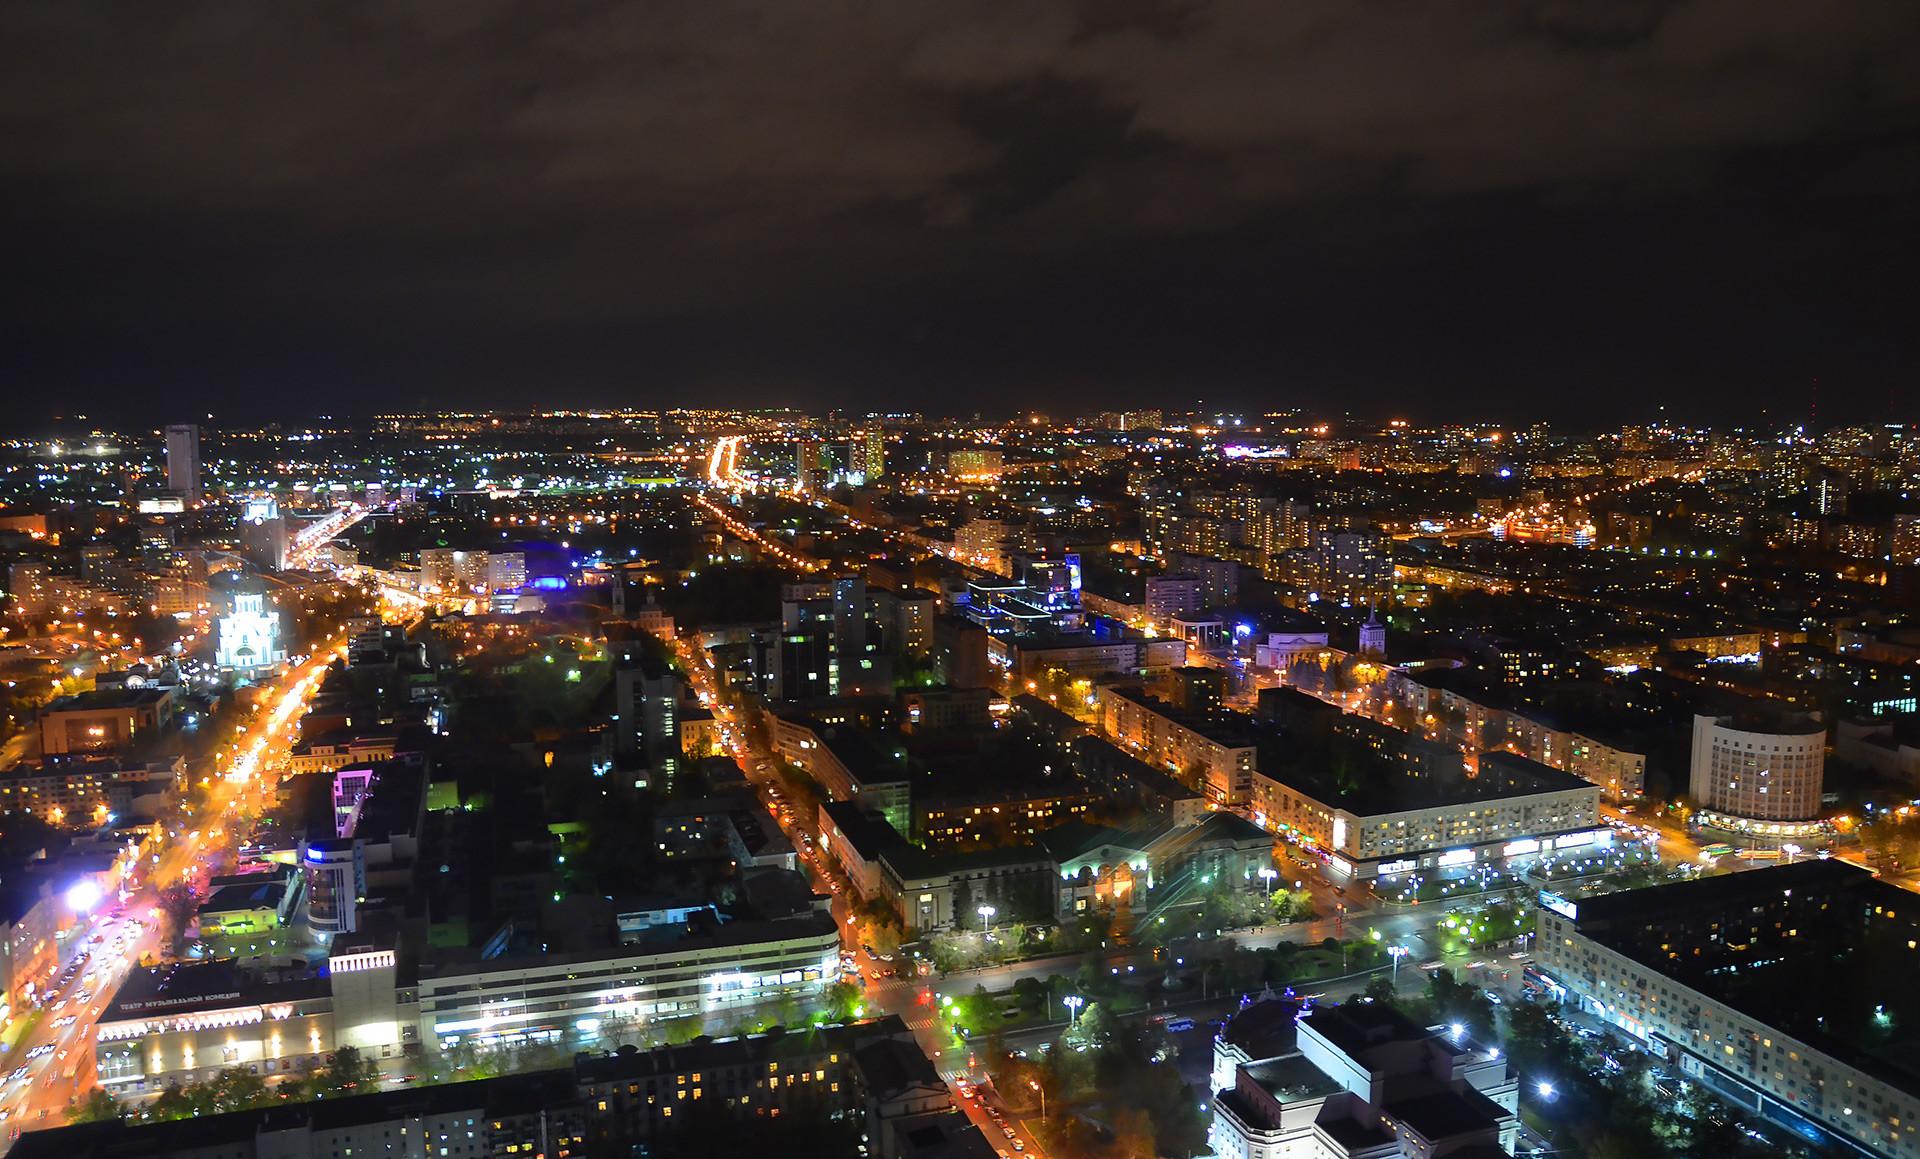 Von oben können Sie unsere Tour auch nachts nachvollziehen: Rechts sehen sie das halbrunde Hotel Issetj, dahinter befindet sich das Tschekisten-Städtchen. Der Leninprospekt verläuft direkt vor uns, die Hauptpost allerdings liegt außerhalb dieses Ausschnitts.